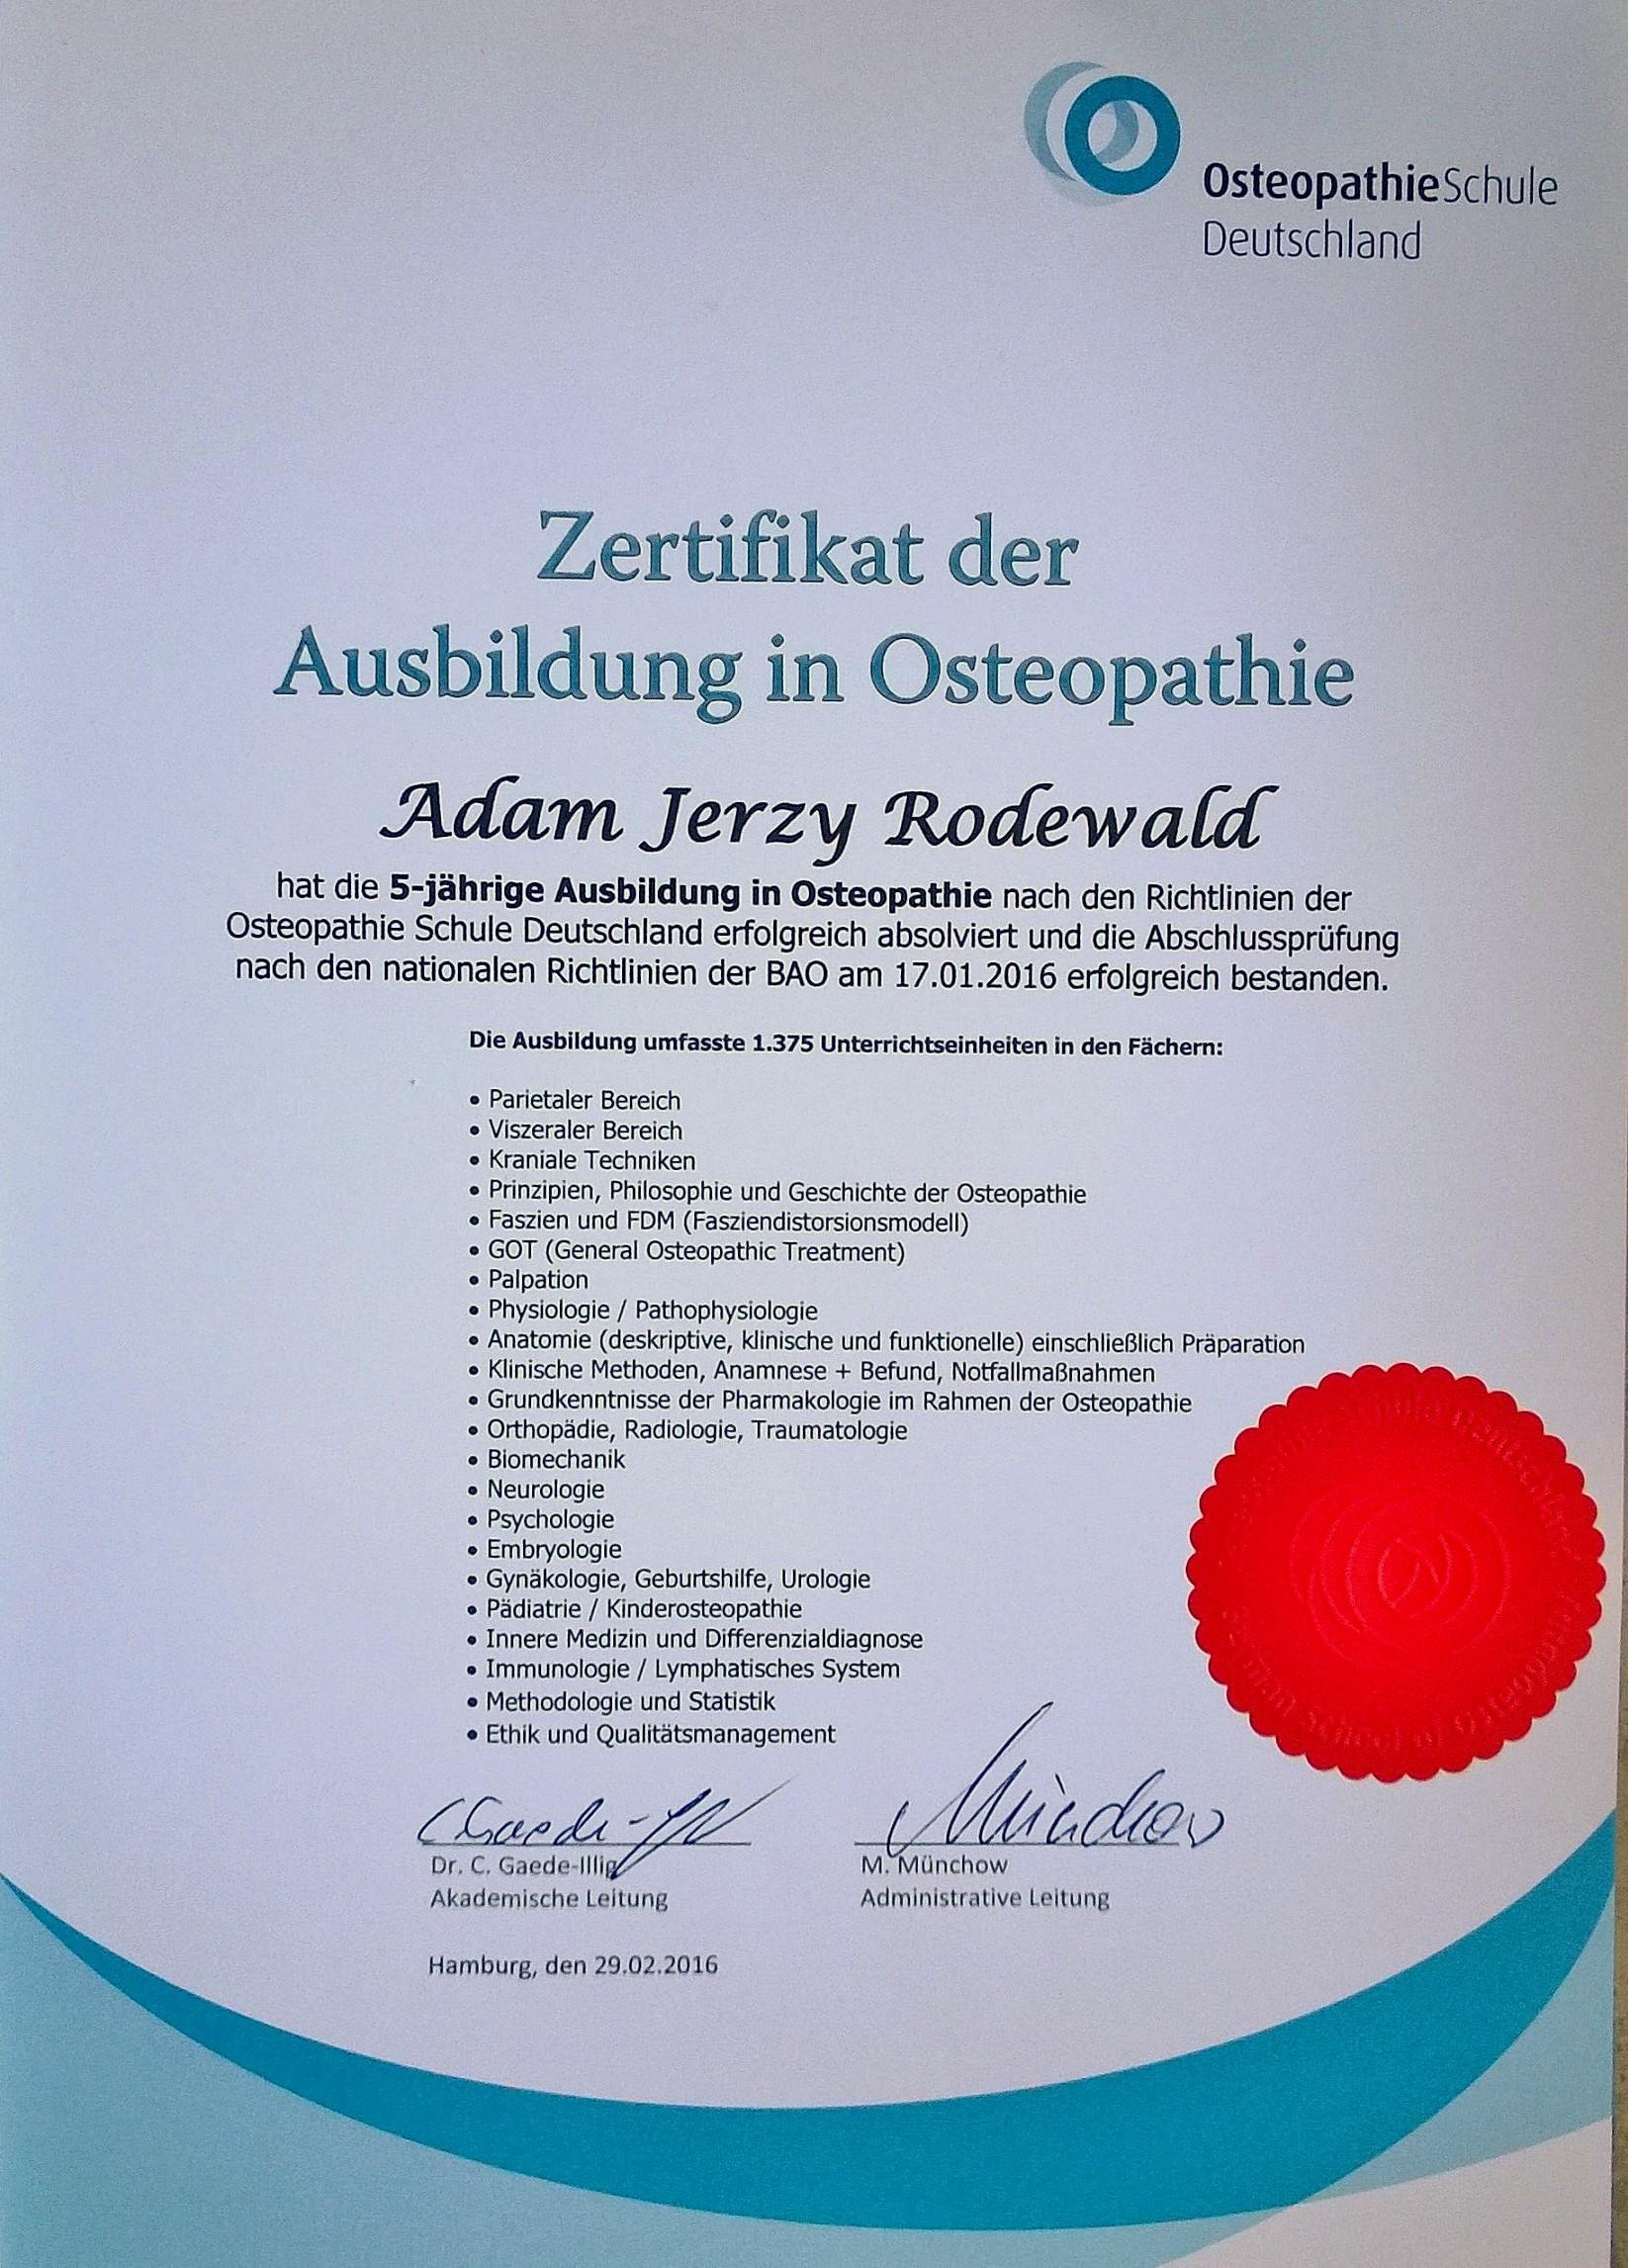 Osteopathie Ausbildung.jpg